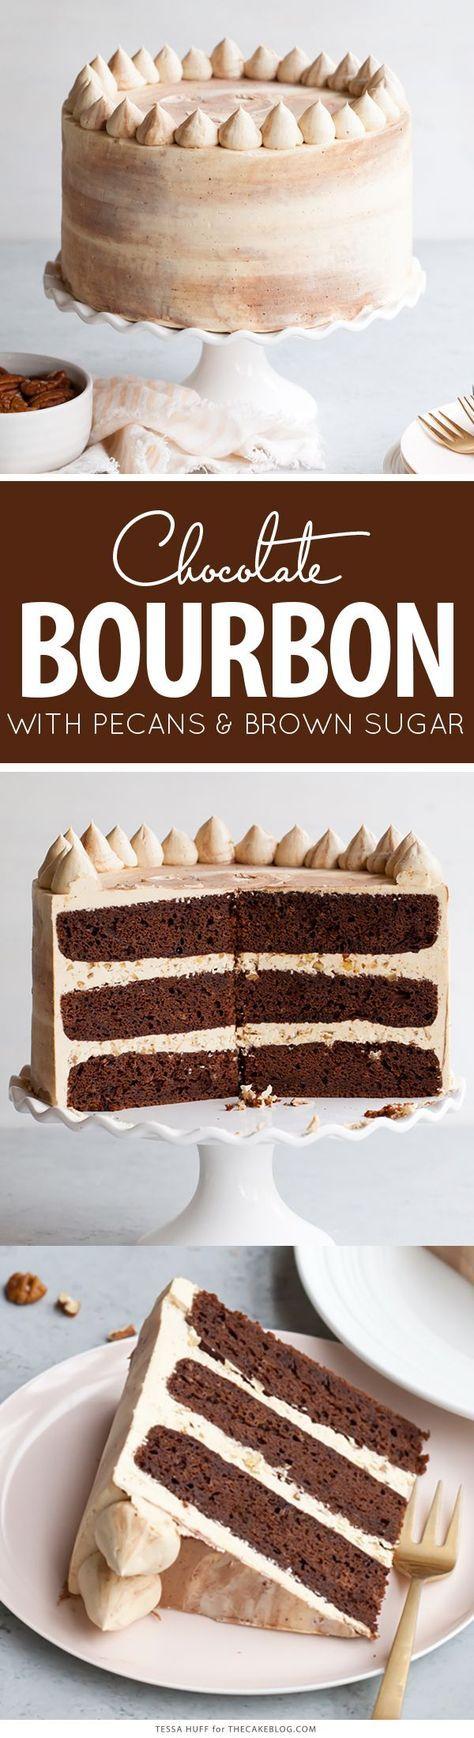 Chocolate Bourbon Pecan Cake   by Tessa Huff for http://TheCakeBlog.com